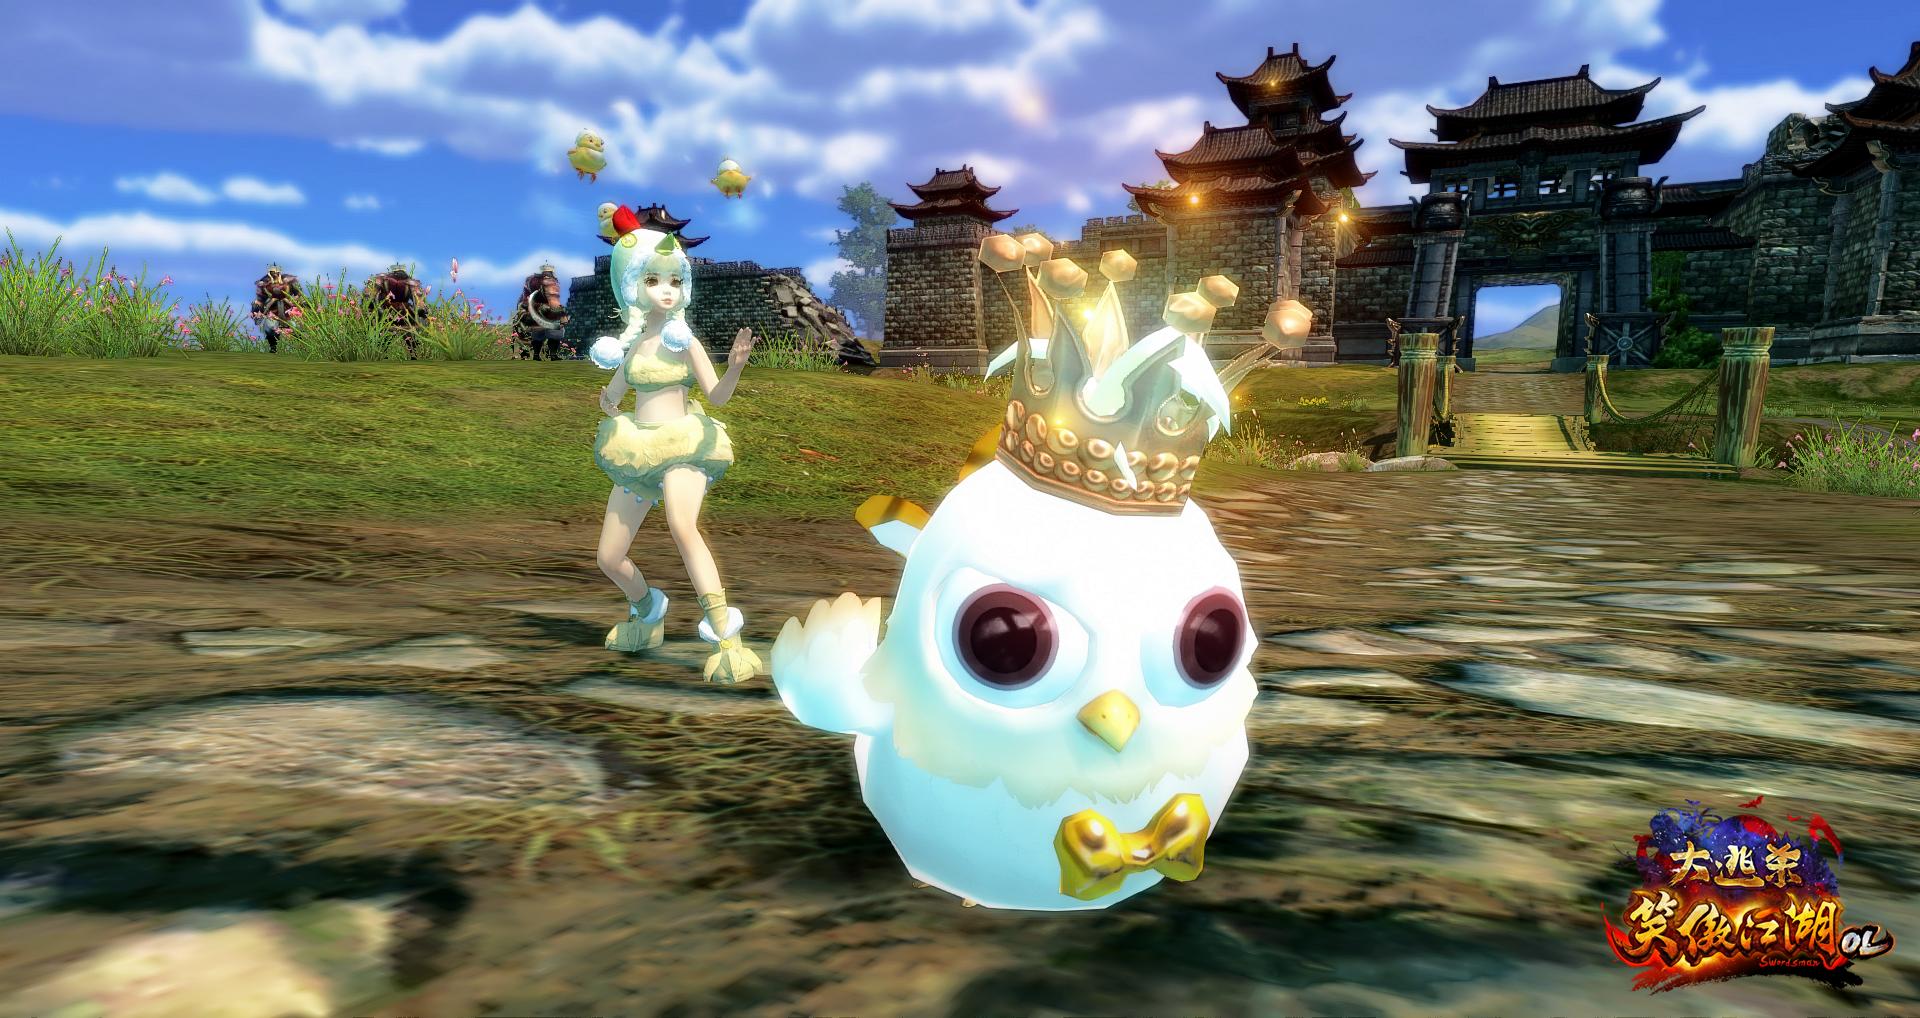 图片: 小鸡喔喔4.png